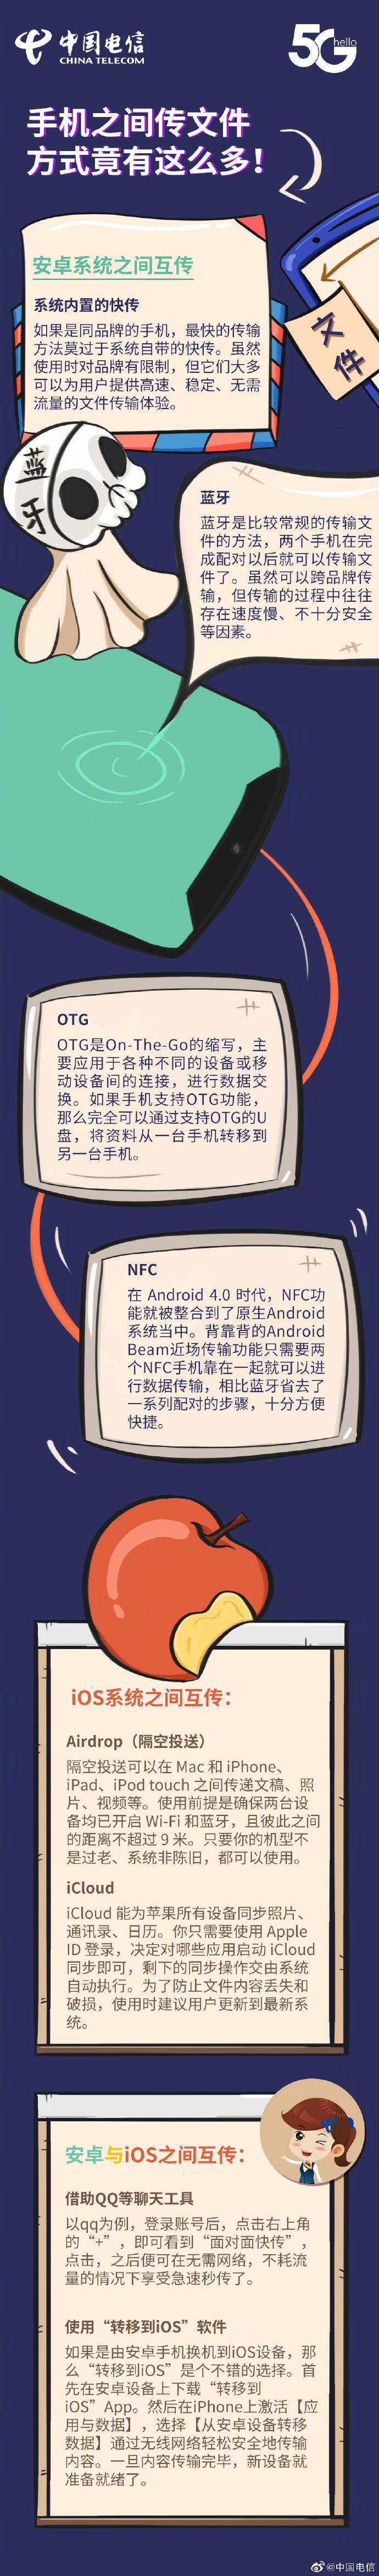 中国电信详解手机之间传文件方式